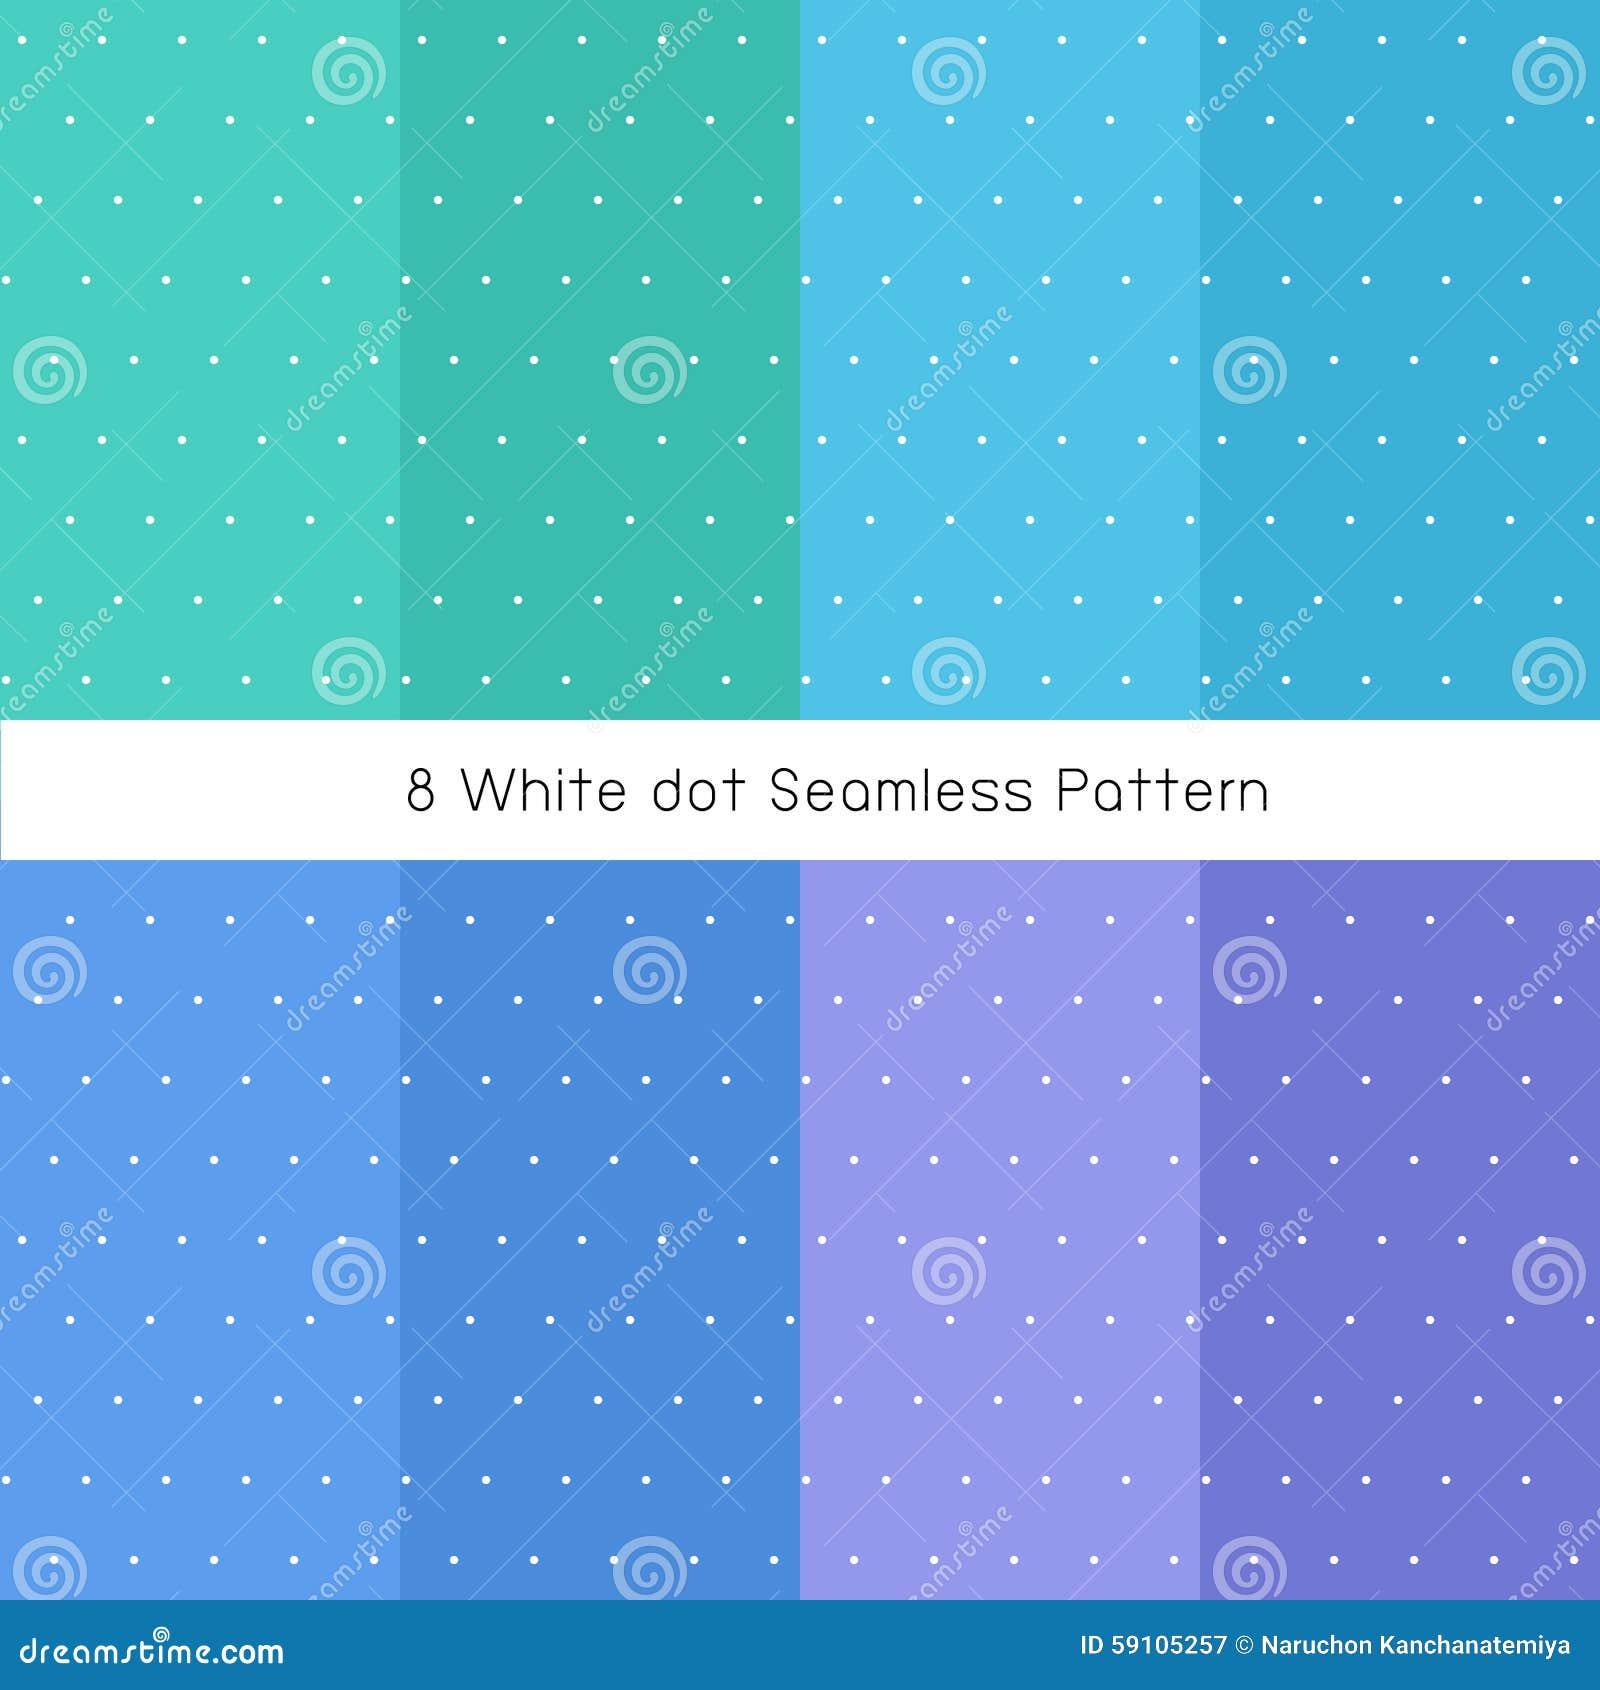 白色小点蓝色集合